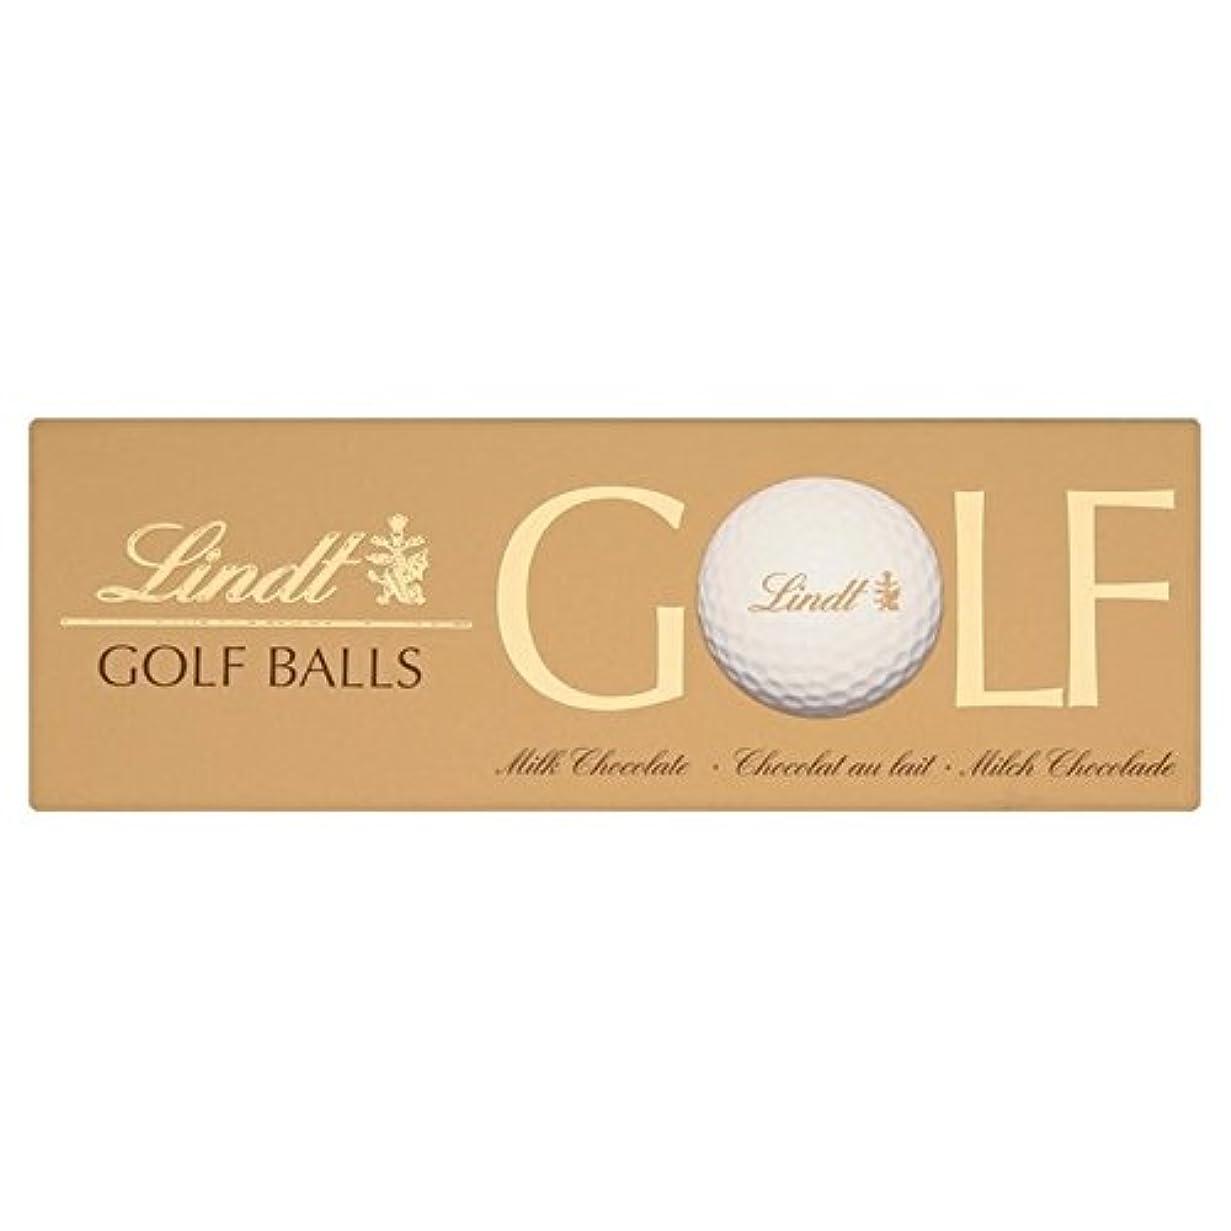 教義奨学金トリプルリンツゴルフボールミルクチョコレート110グラム (x 2) - Lindt Golf Balls Milk Chocolate 110g (Pack of 2) [並行輸入品]